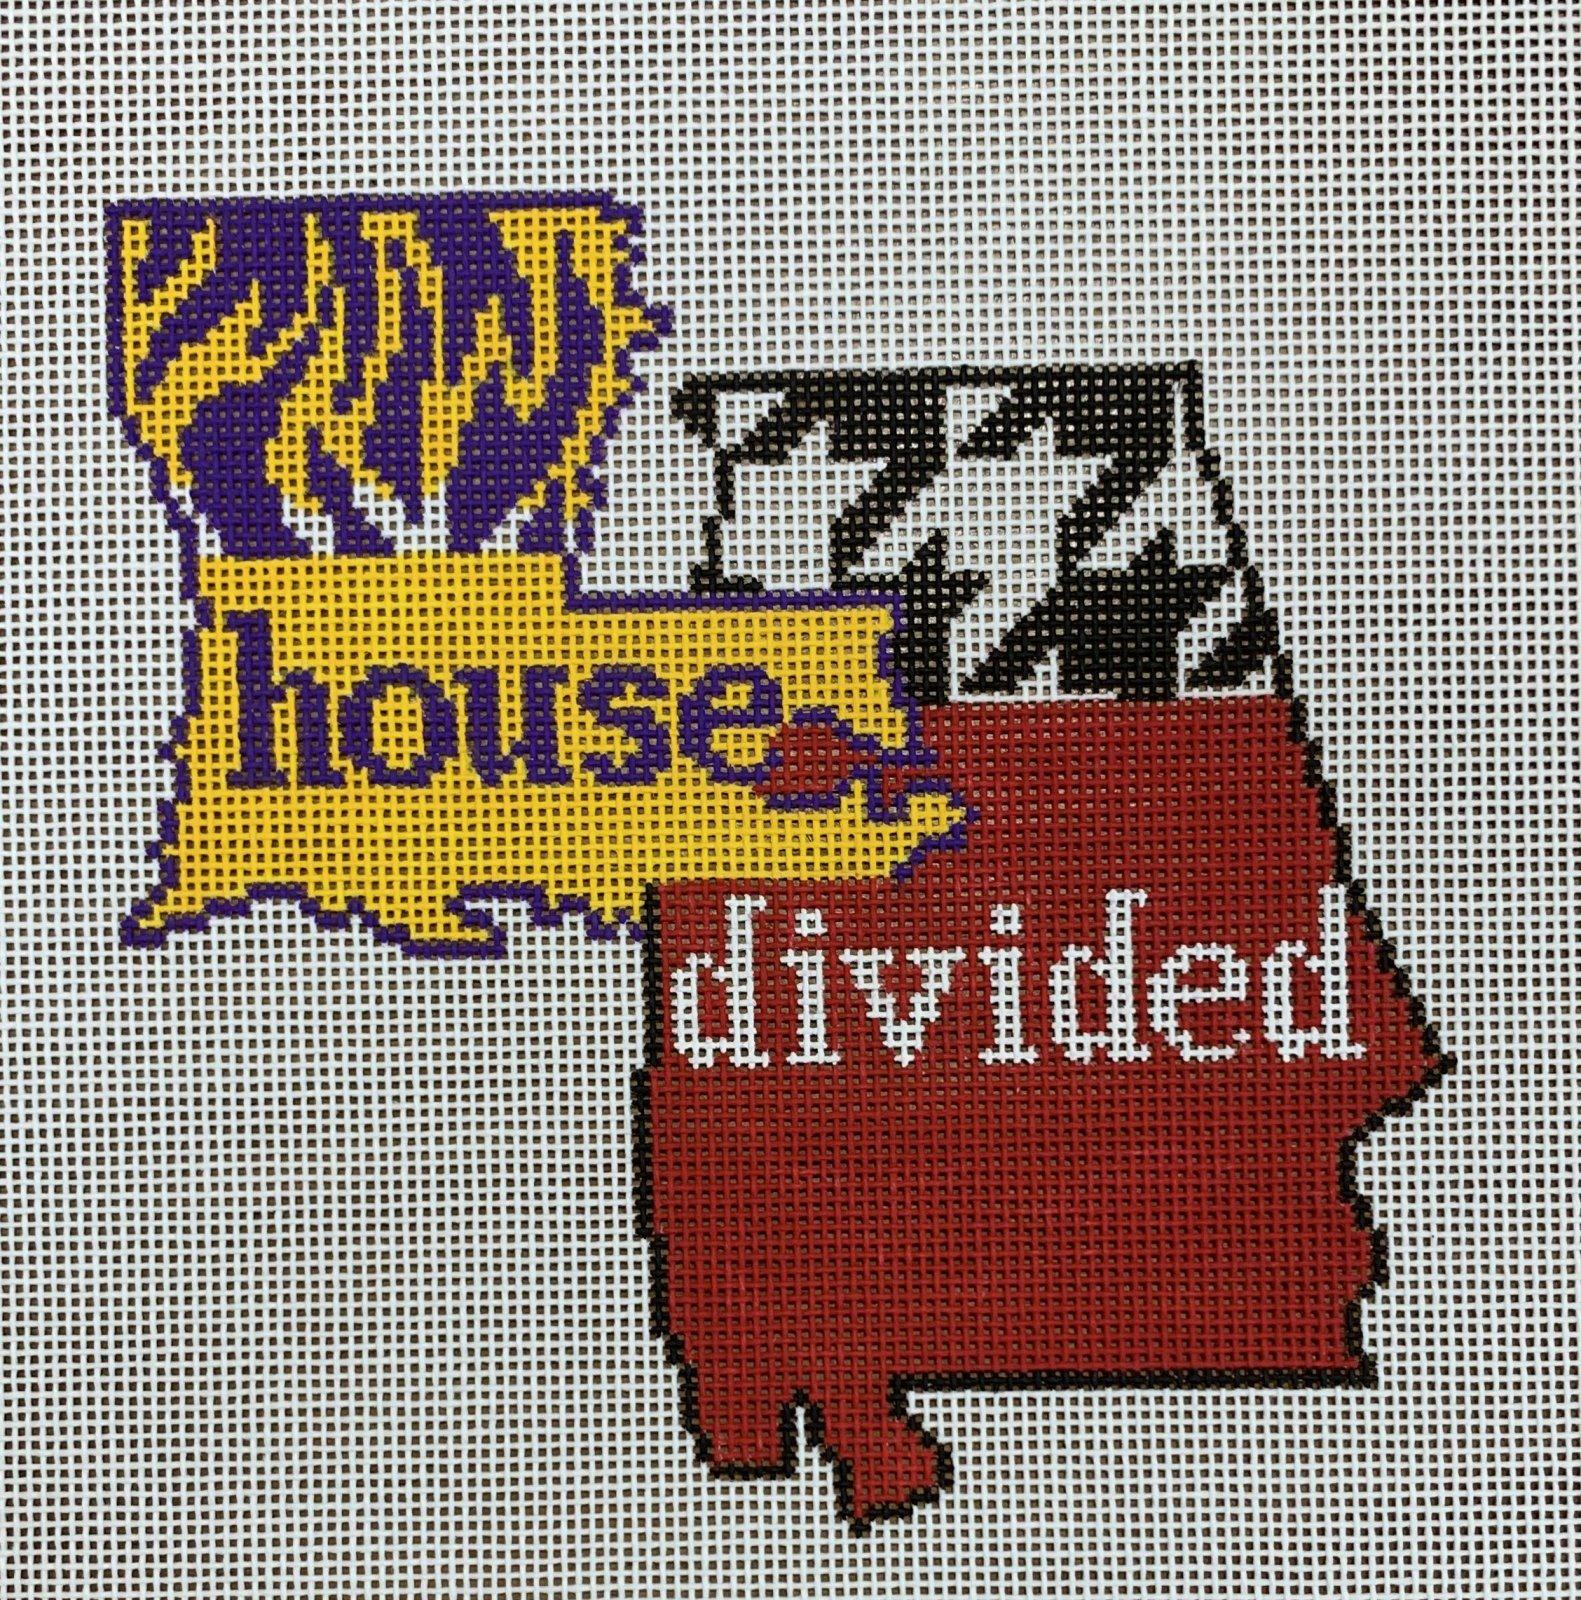 House Divided - LSU/UA